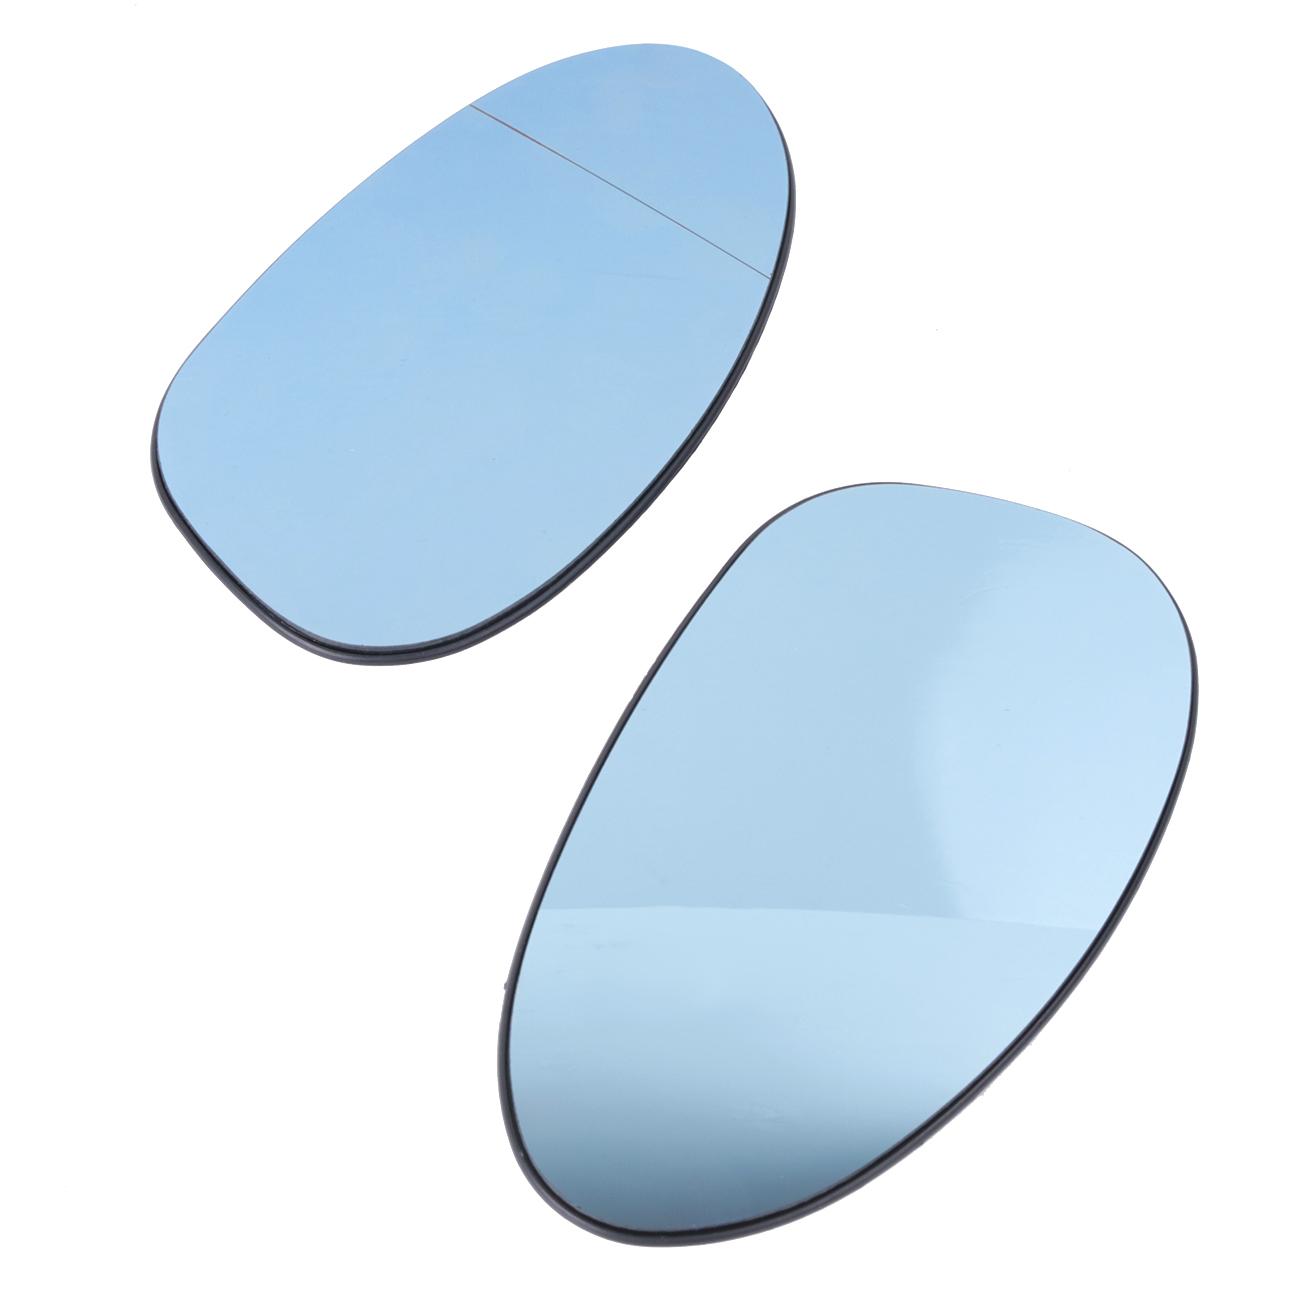 Купить 2x Подогрев Синий Тонированные Крыло Дверь Зеркальное Стекло Для BMW E82 E88 128i 135i E85 Z4 E46 M3 E90 E91 323i 325i 328i 330i 335i P465-ZW